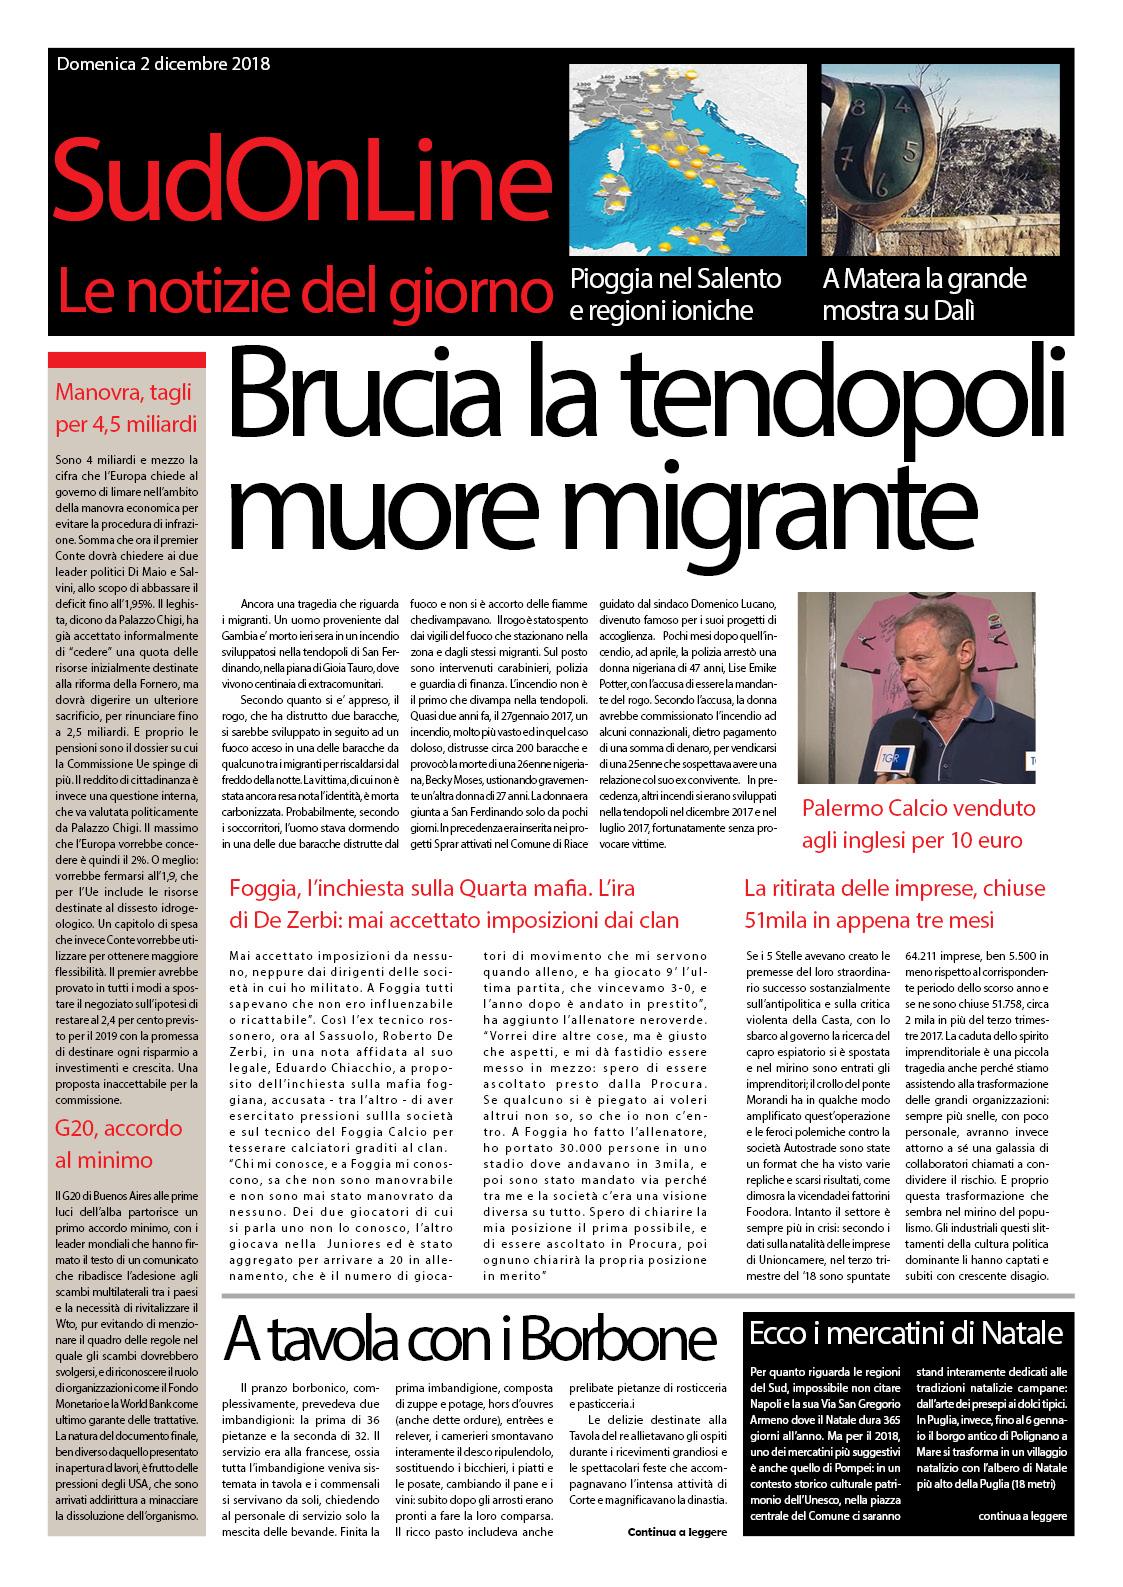 Il SudOnLine quotidiano: brucia la tendopoli di Reggio, un morto – Palermo calcio venduto per 10 euro – A Matera la mostra su Dalì